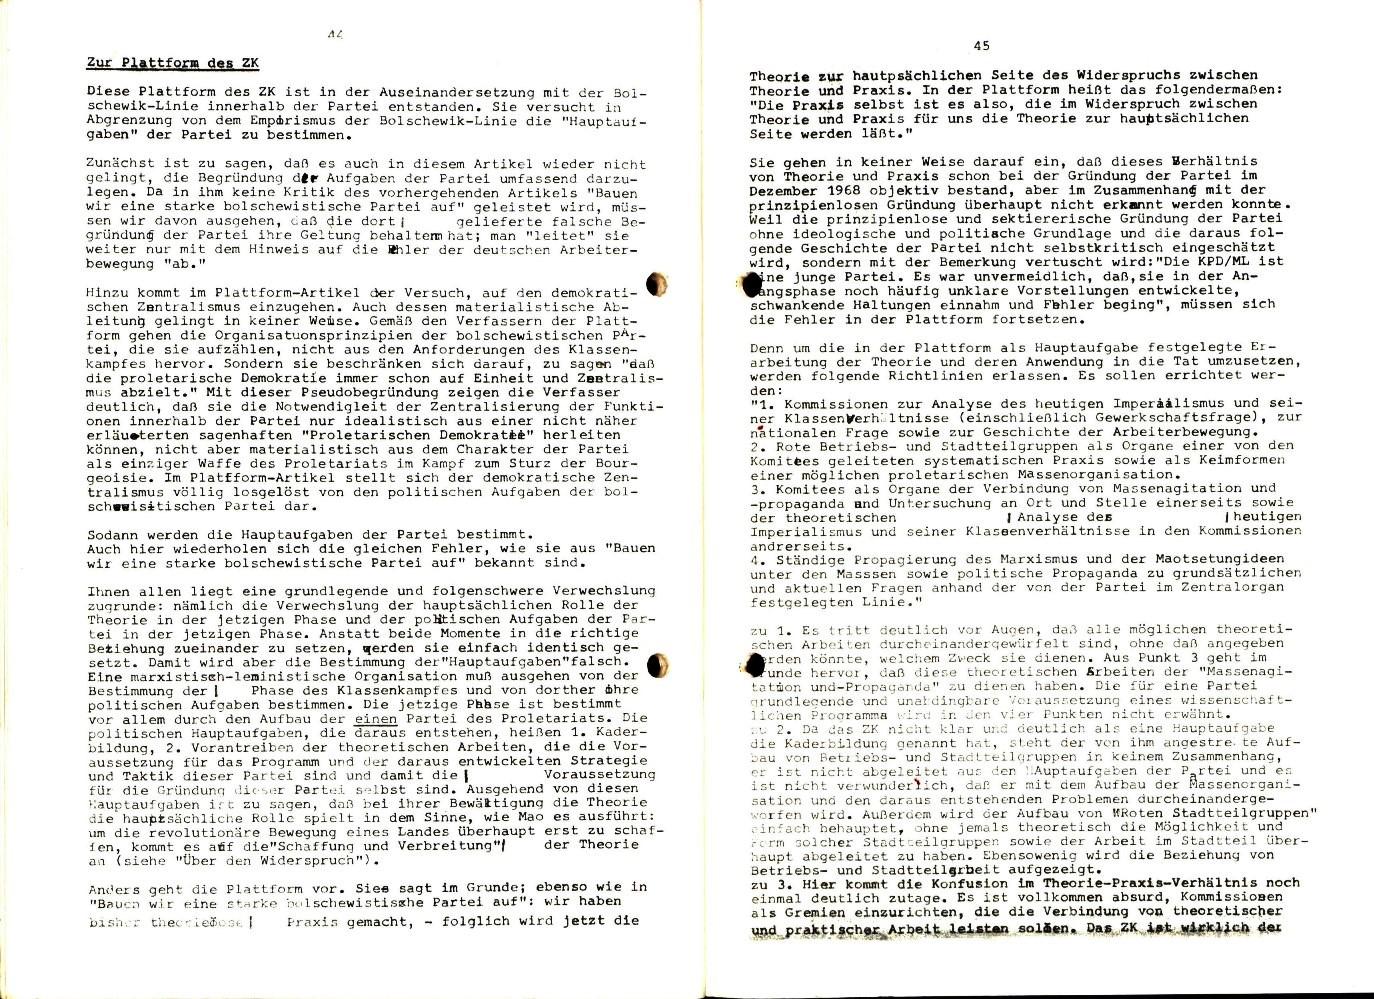 Berlin_KBML_Kommunist_1970_01_25